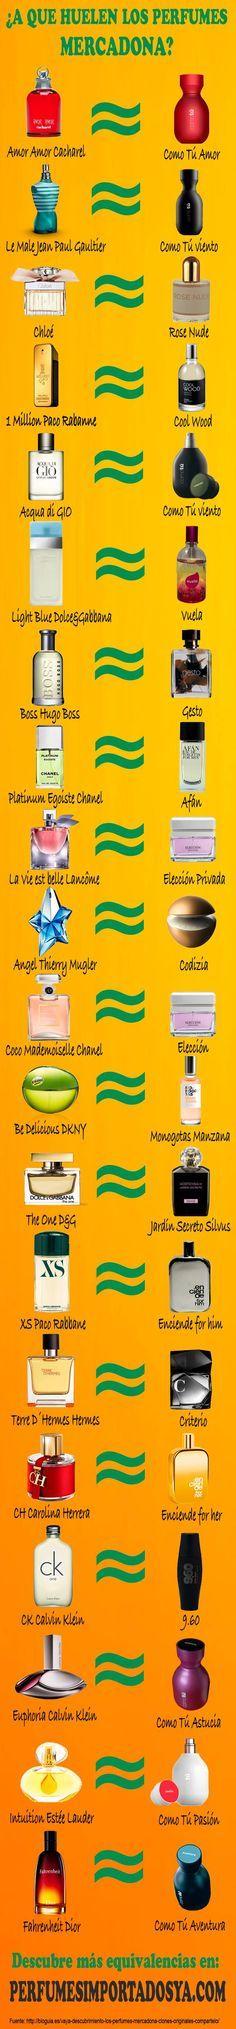 Listado de equivalencias entre los perfumes mercadona y las fragancias más populares. #perfumes #equivalencias #mercadona  Nos encanta :) We Love :)